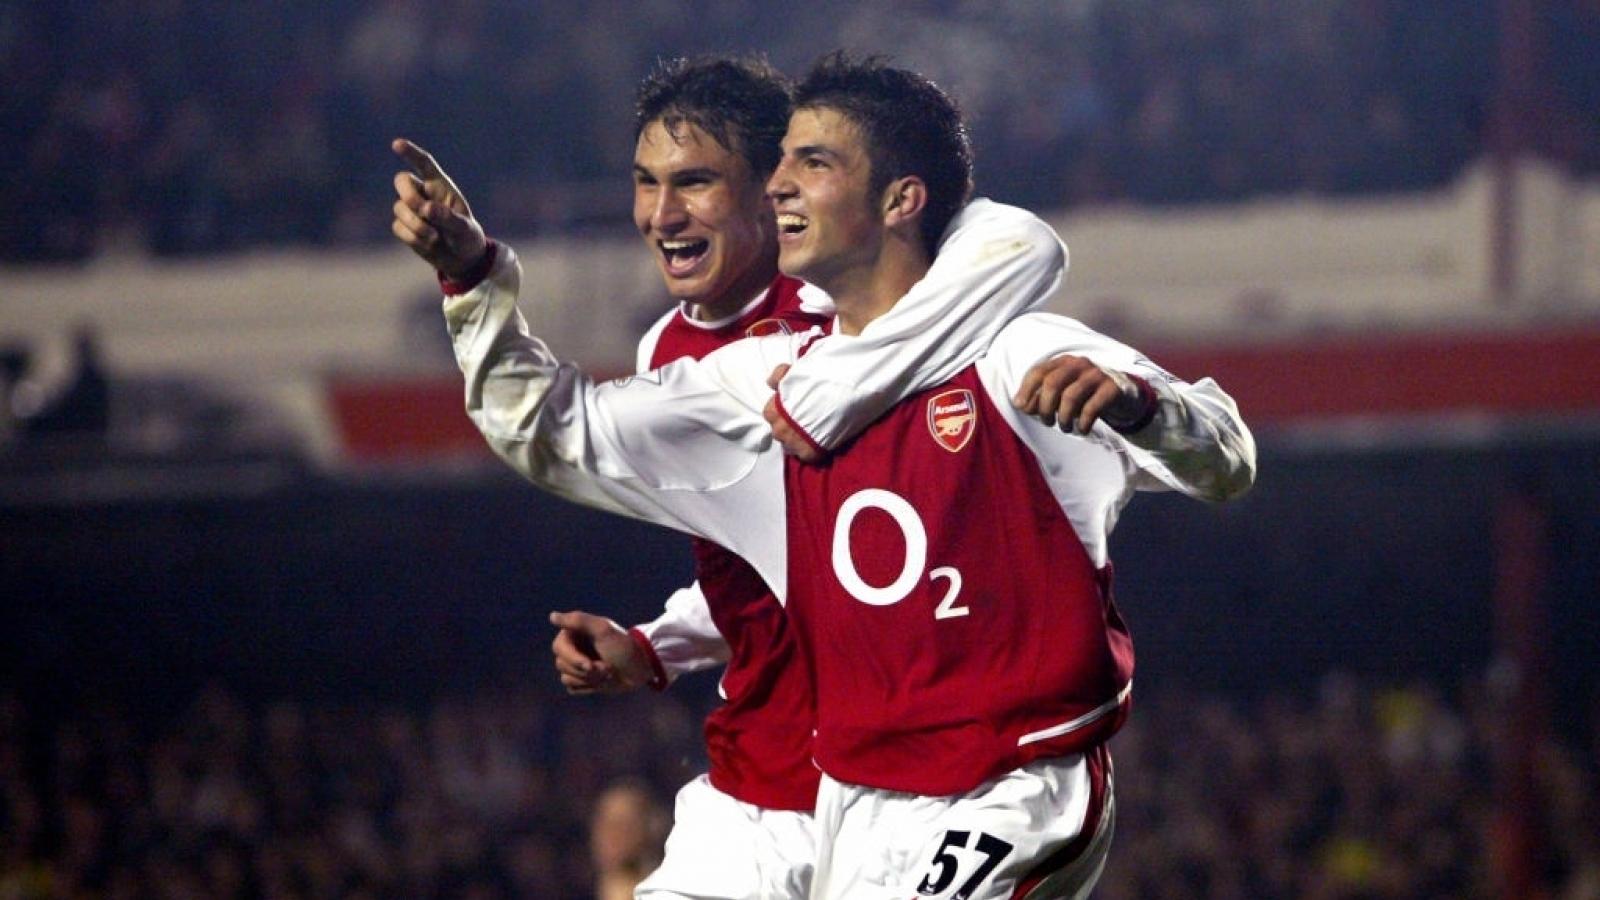 Ngày này năm xưa: Cesc Fabregas đi vào lịch sử Arsenal